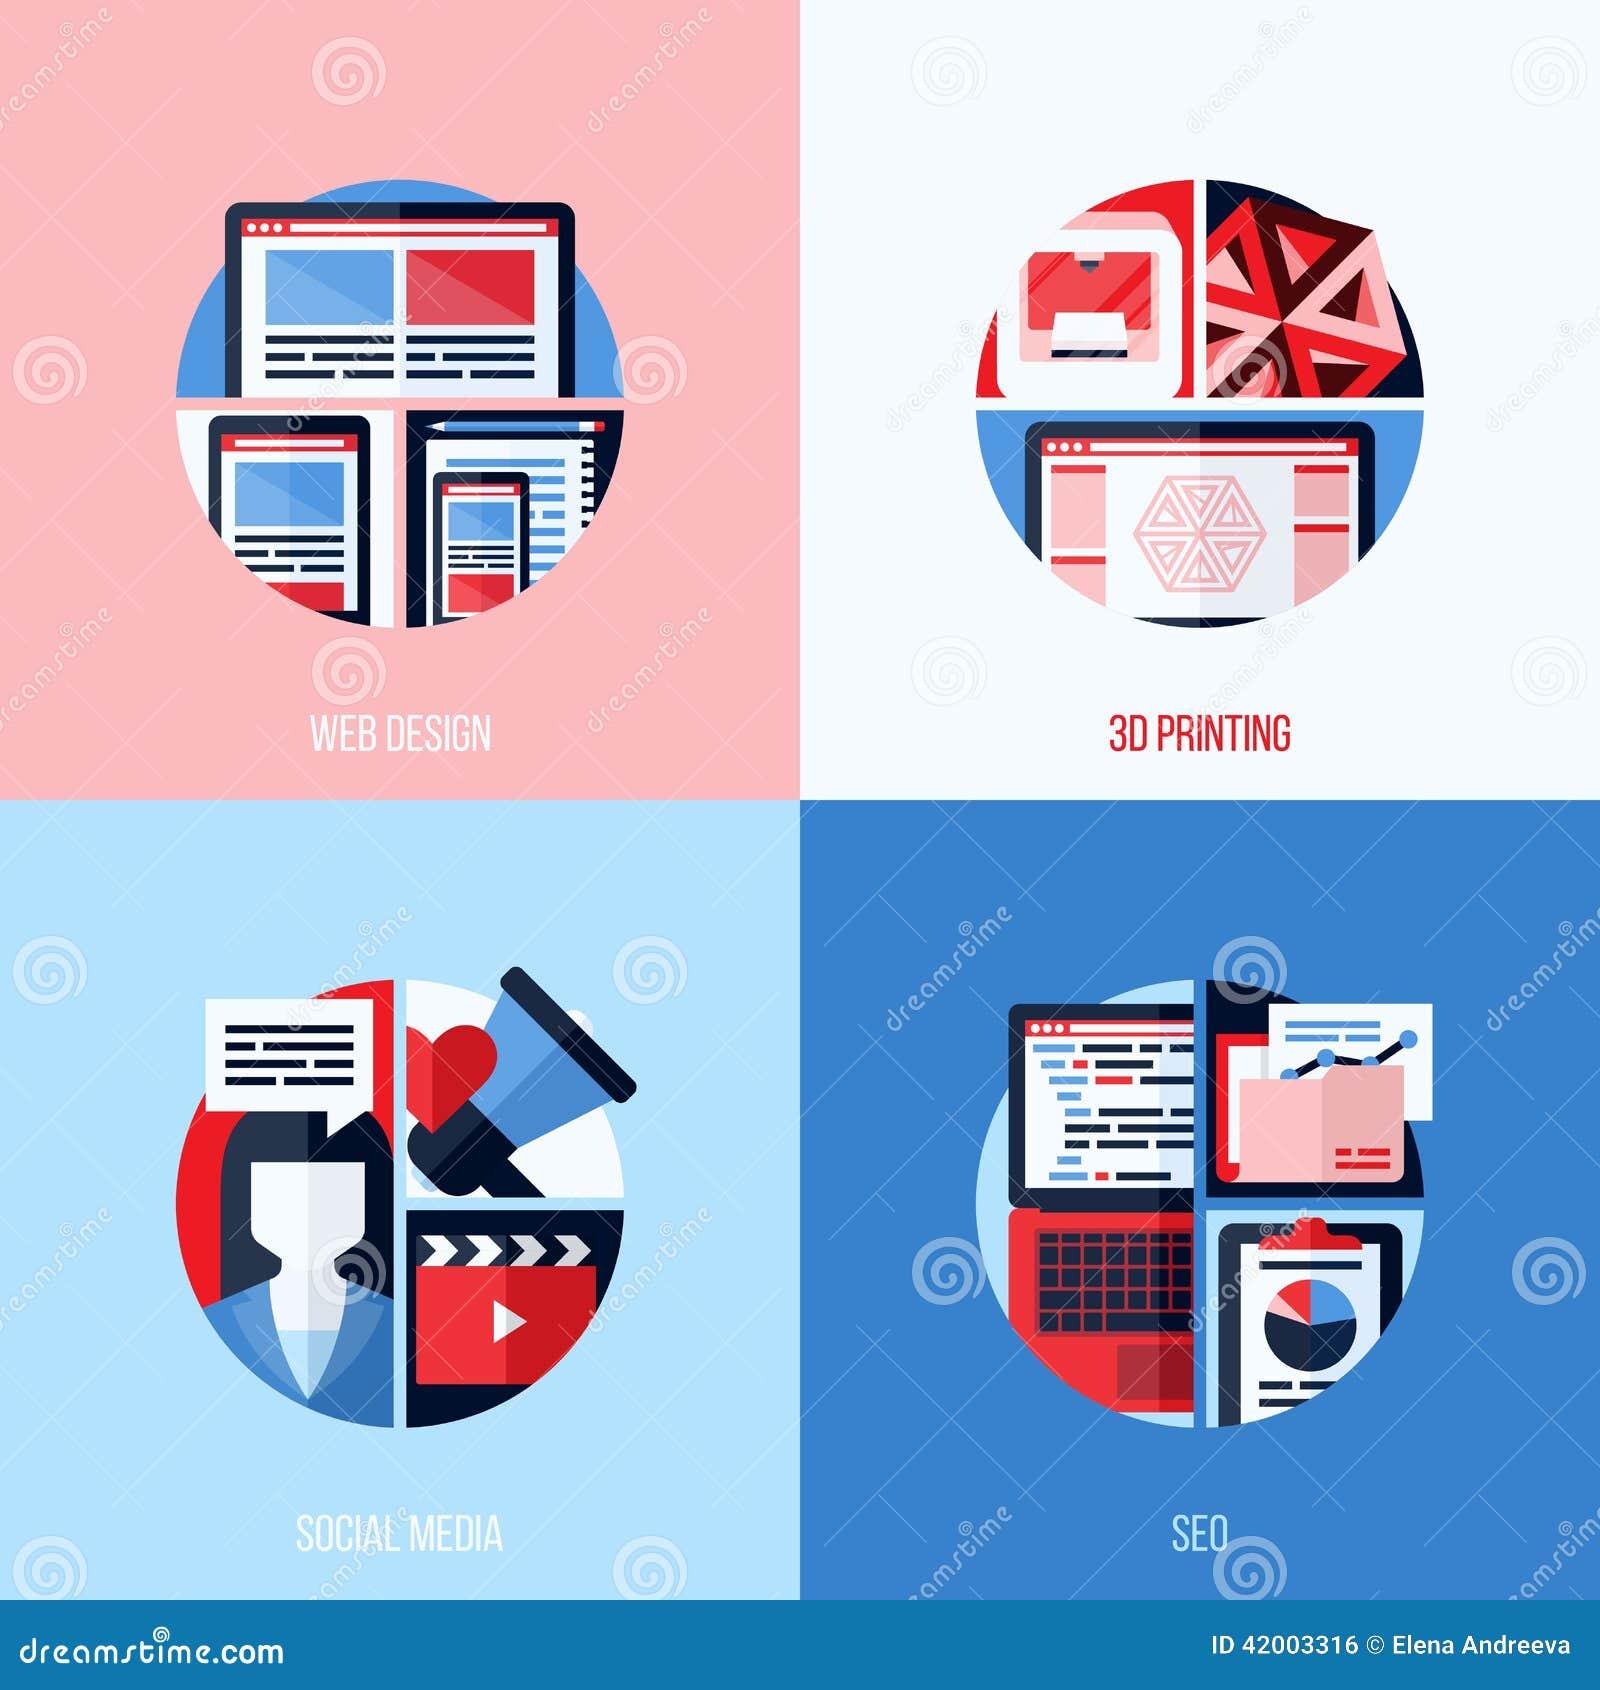 Icônes plates modernes de web design, 3D impression, media social, SEO